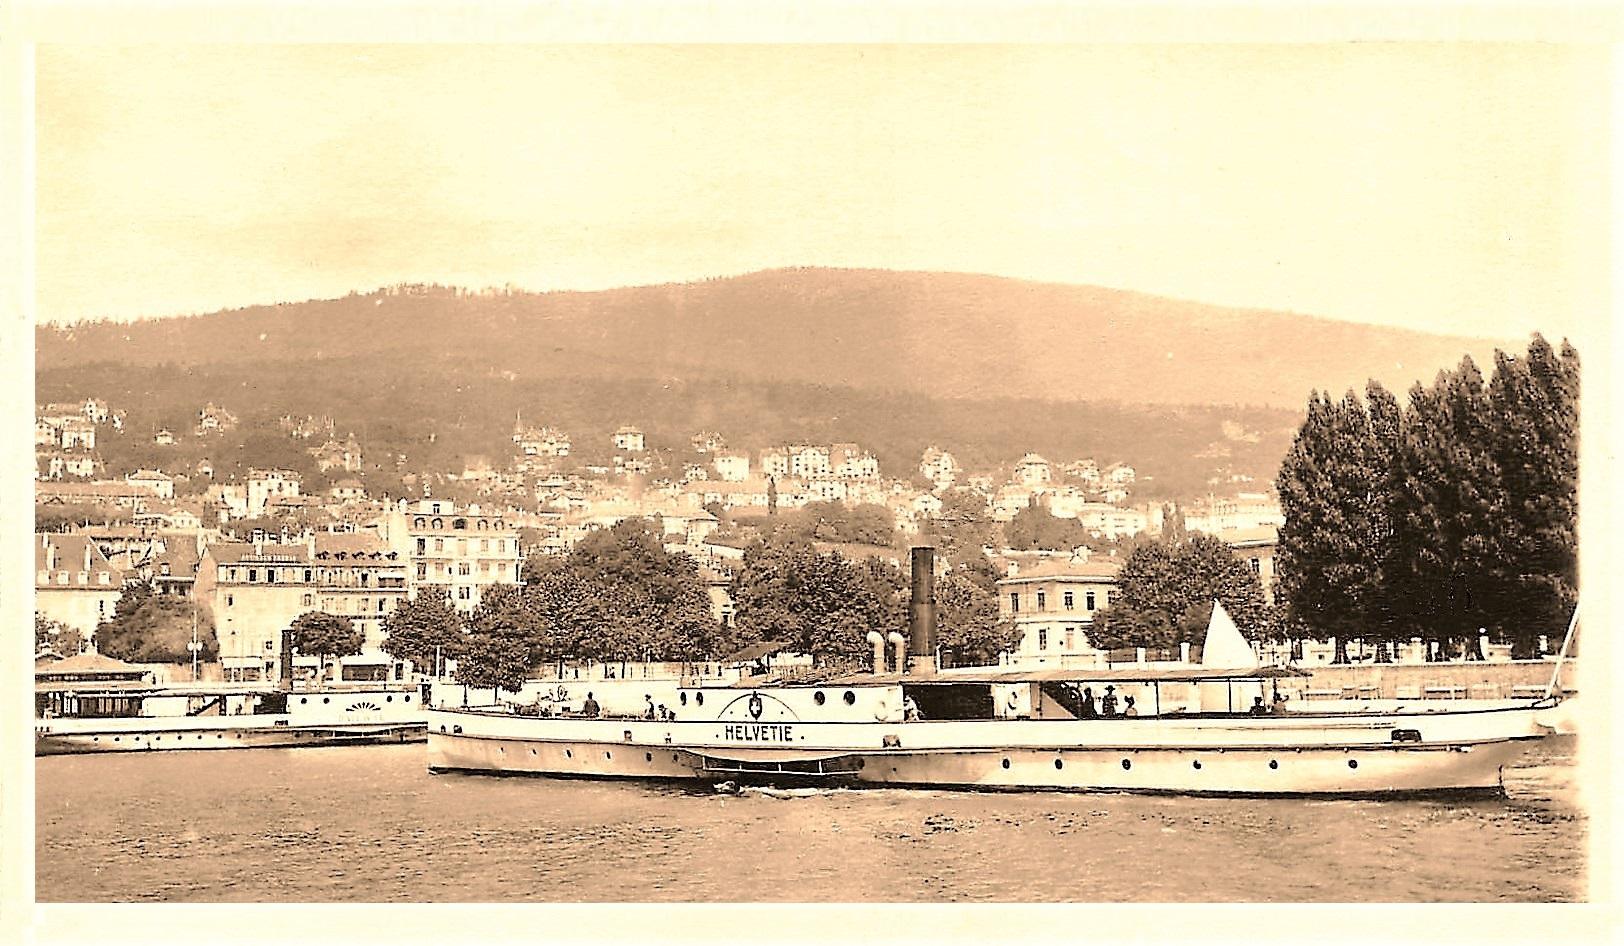 Bateau l'Helvétie au port de Neuchâtel